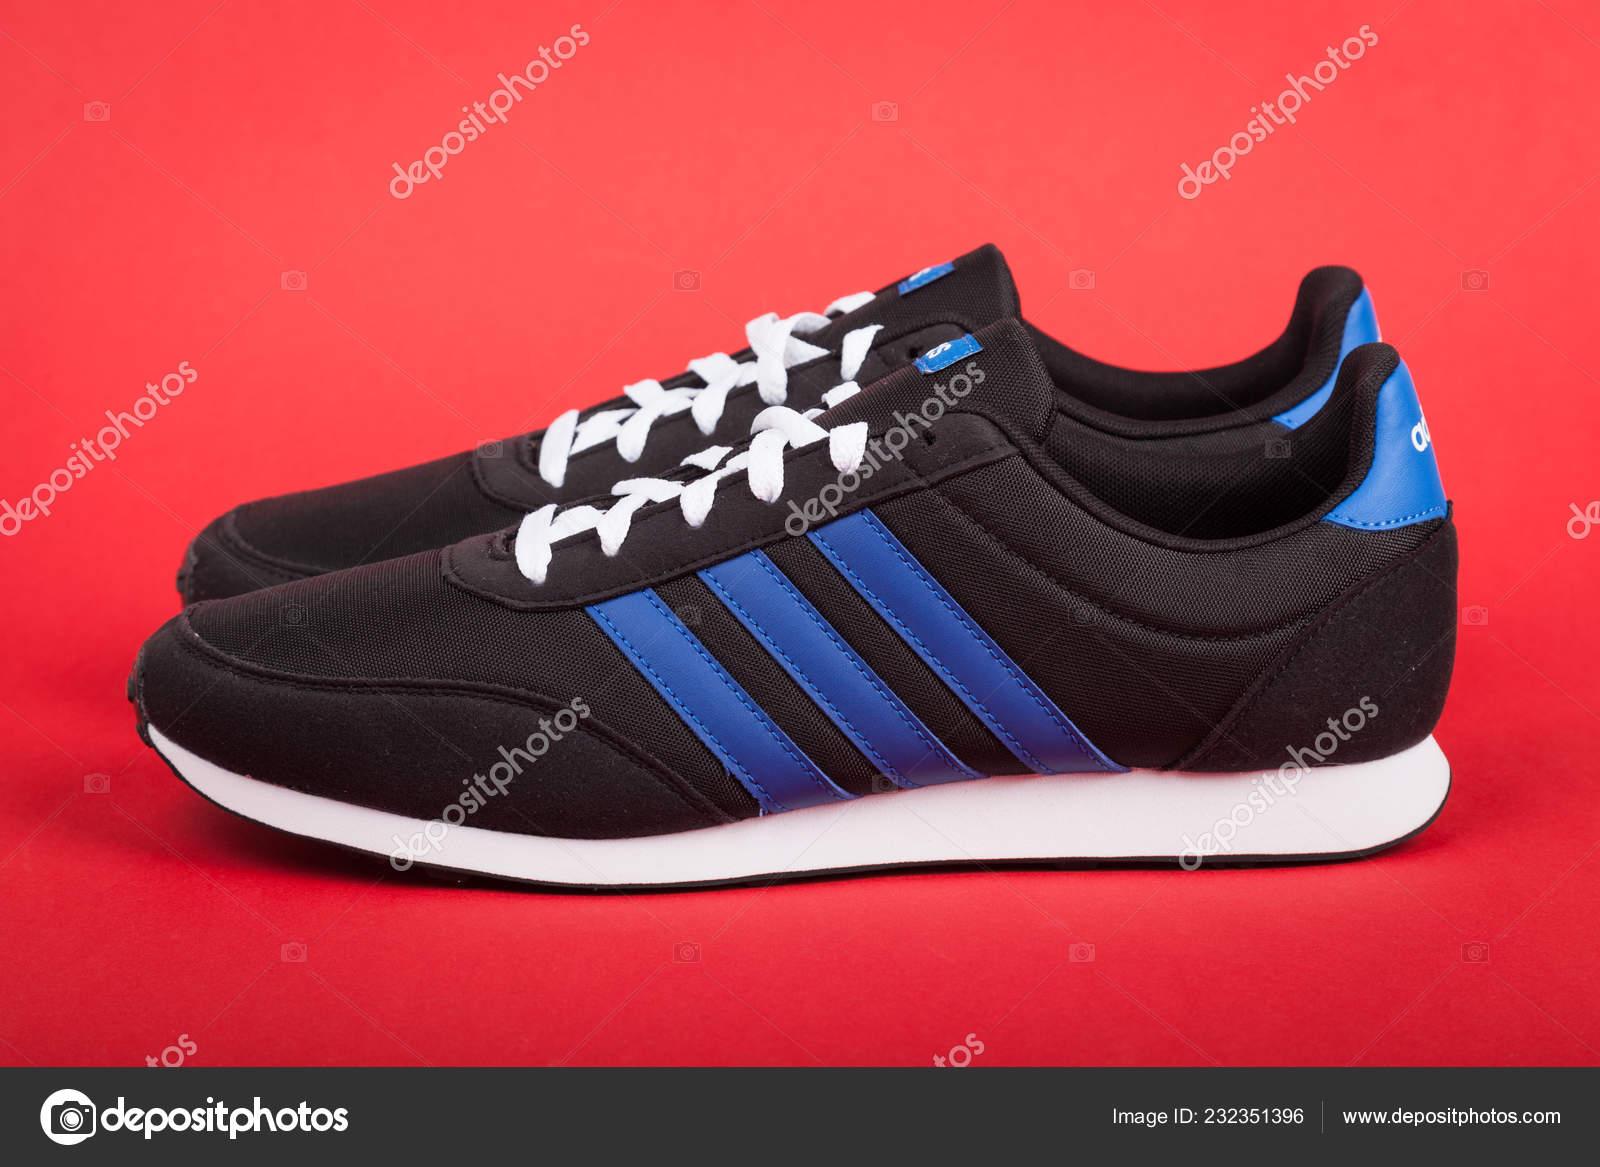 Warna Bułgaria Lipca 2018 Buty Sportowe Adidas Racer Czerwonym Tle ... 1df9a03611